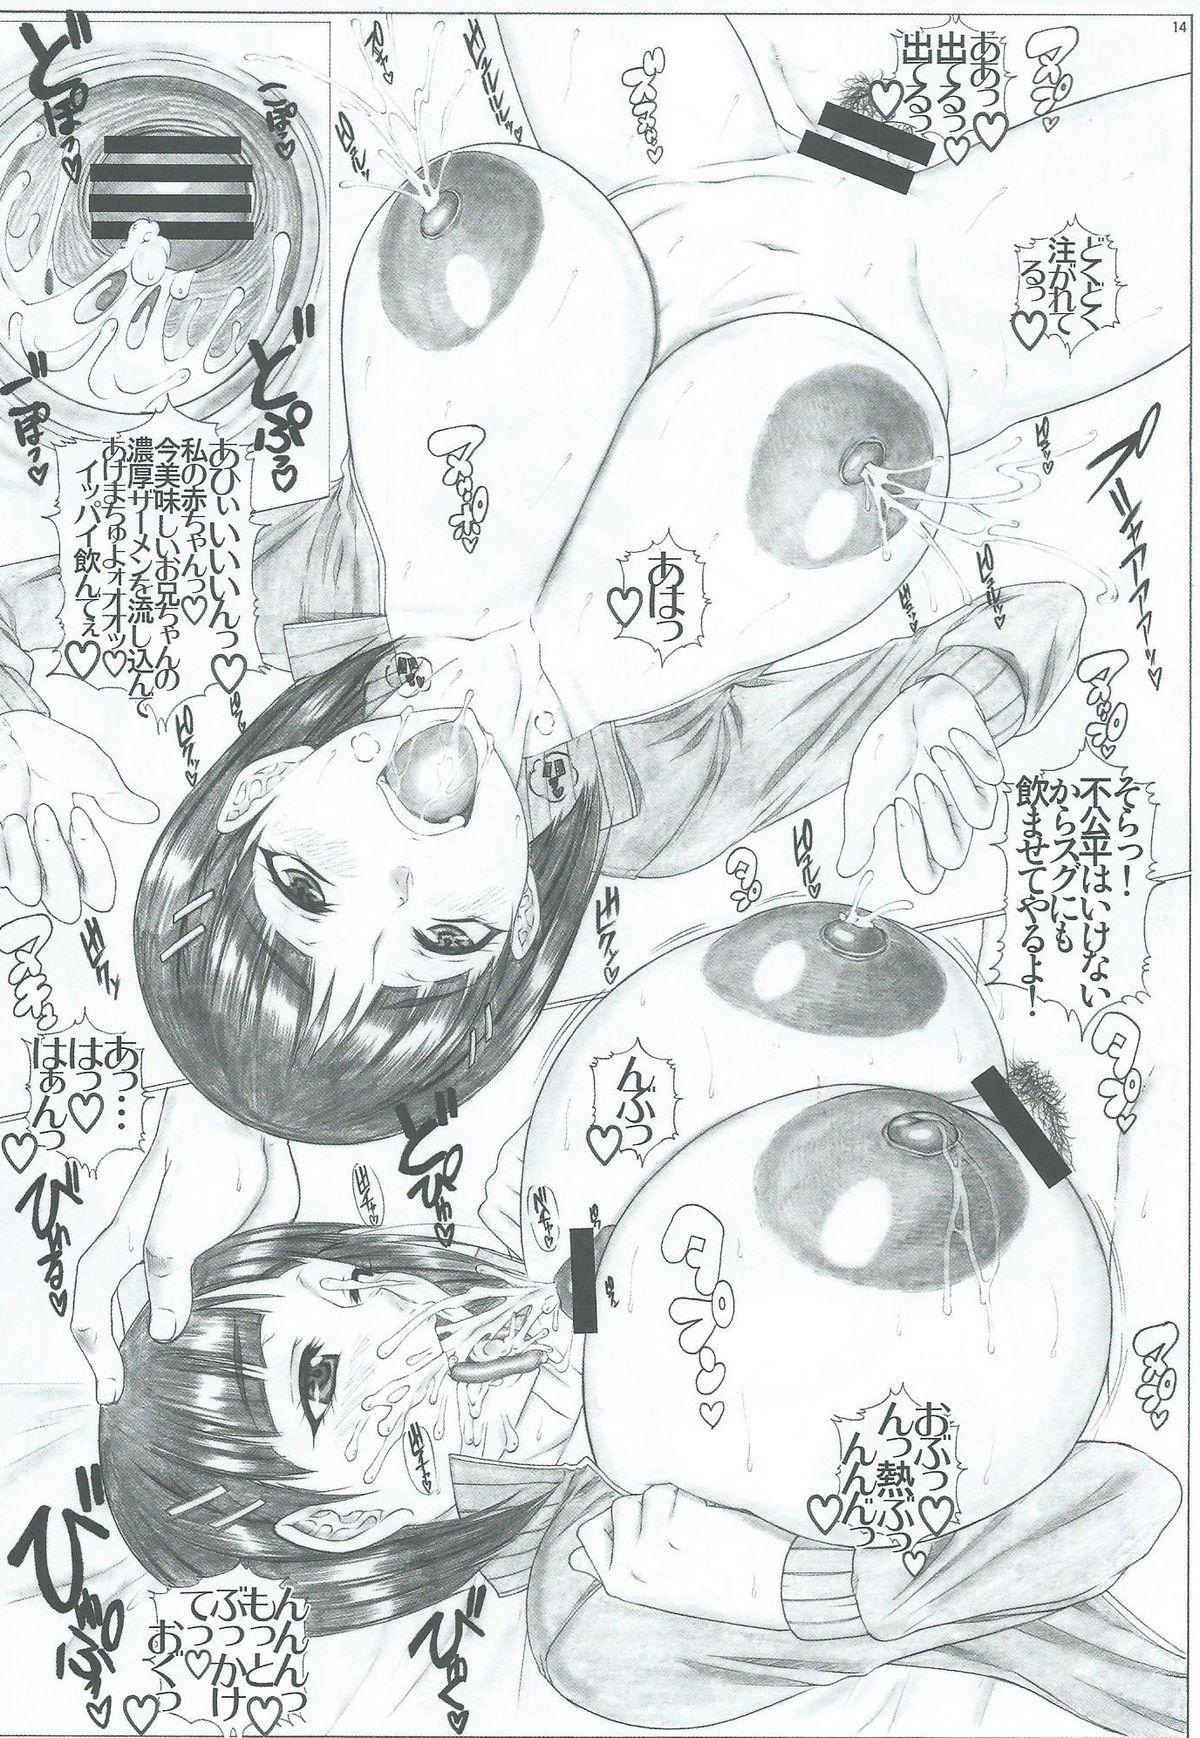 Angel's stroke 81 Suguha Scramble! 2 Oniichan no Seiyoku Kanri 14